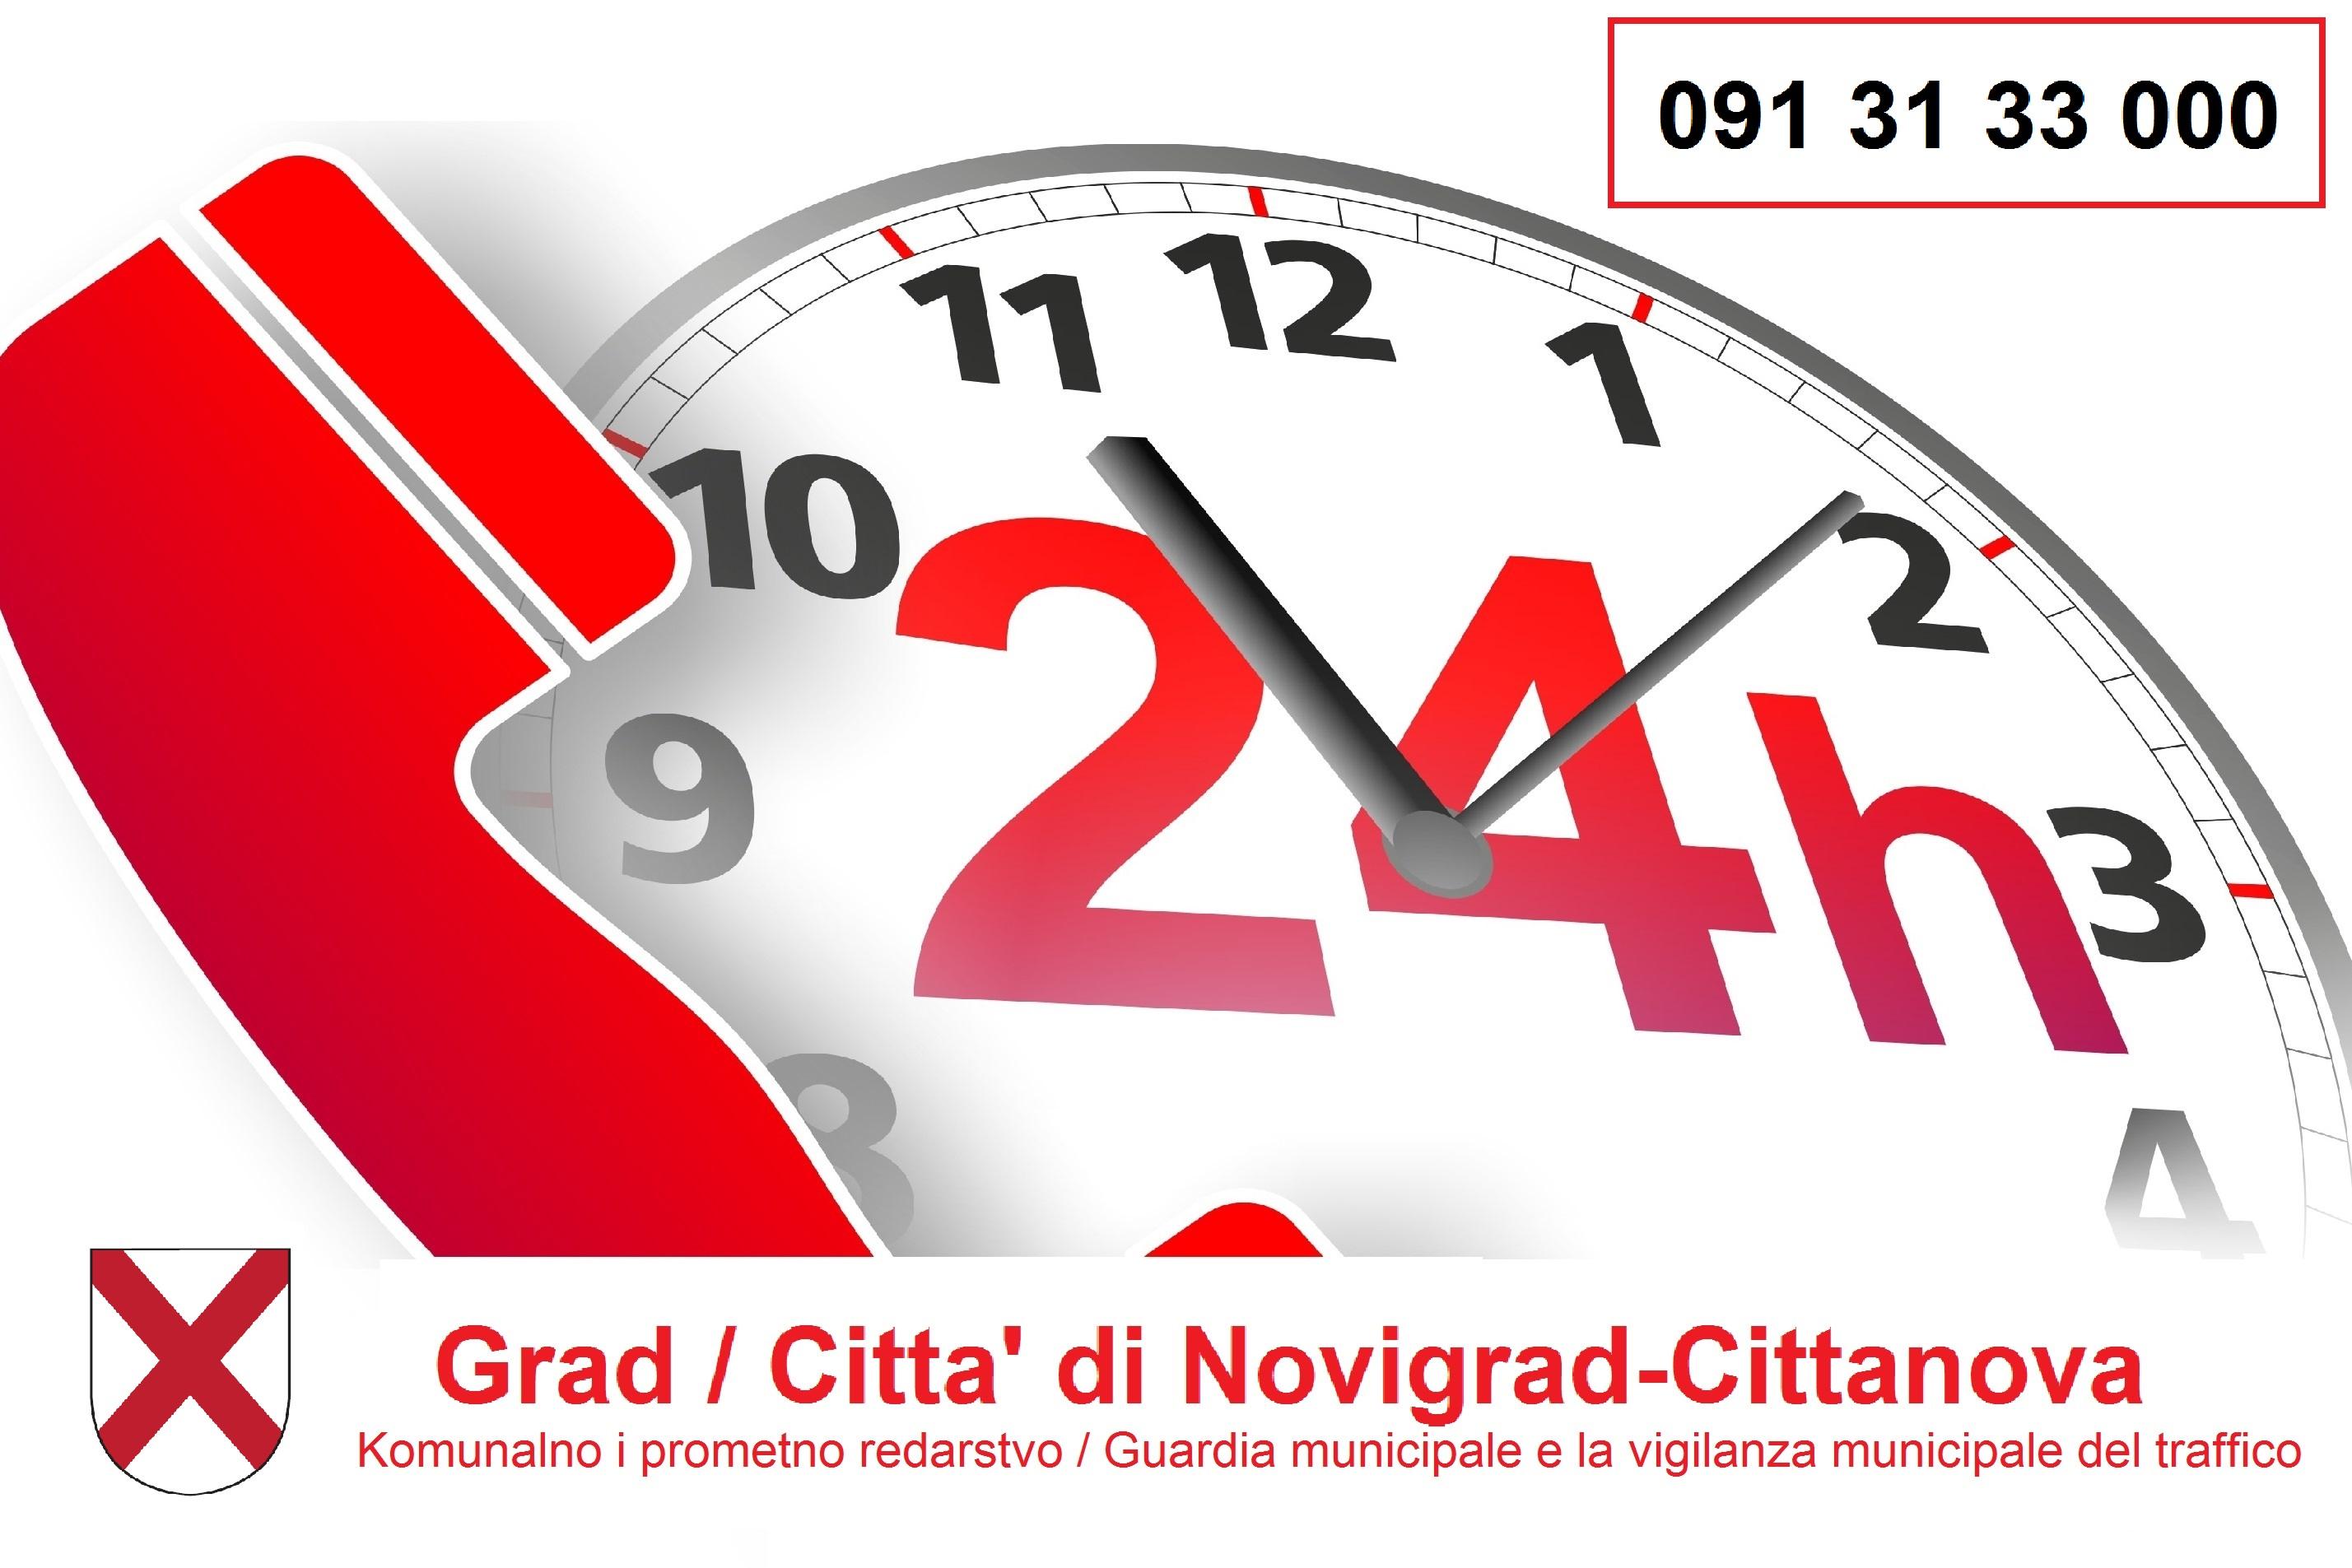 http://www.novigrad.hr/vigilanza_municipale_attiva_24_ore_su_24_per_le_problematiche_di_ordine_com